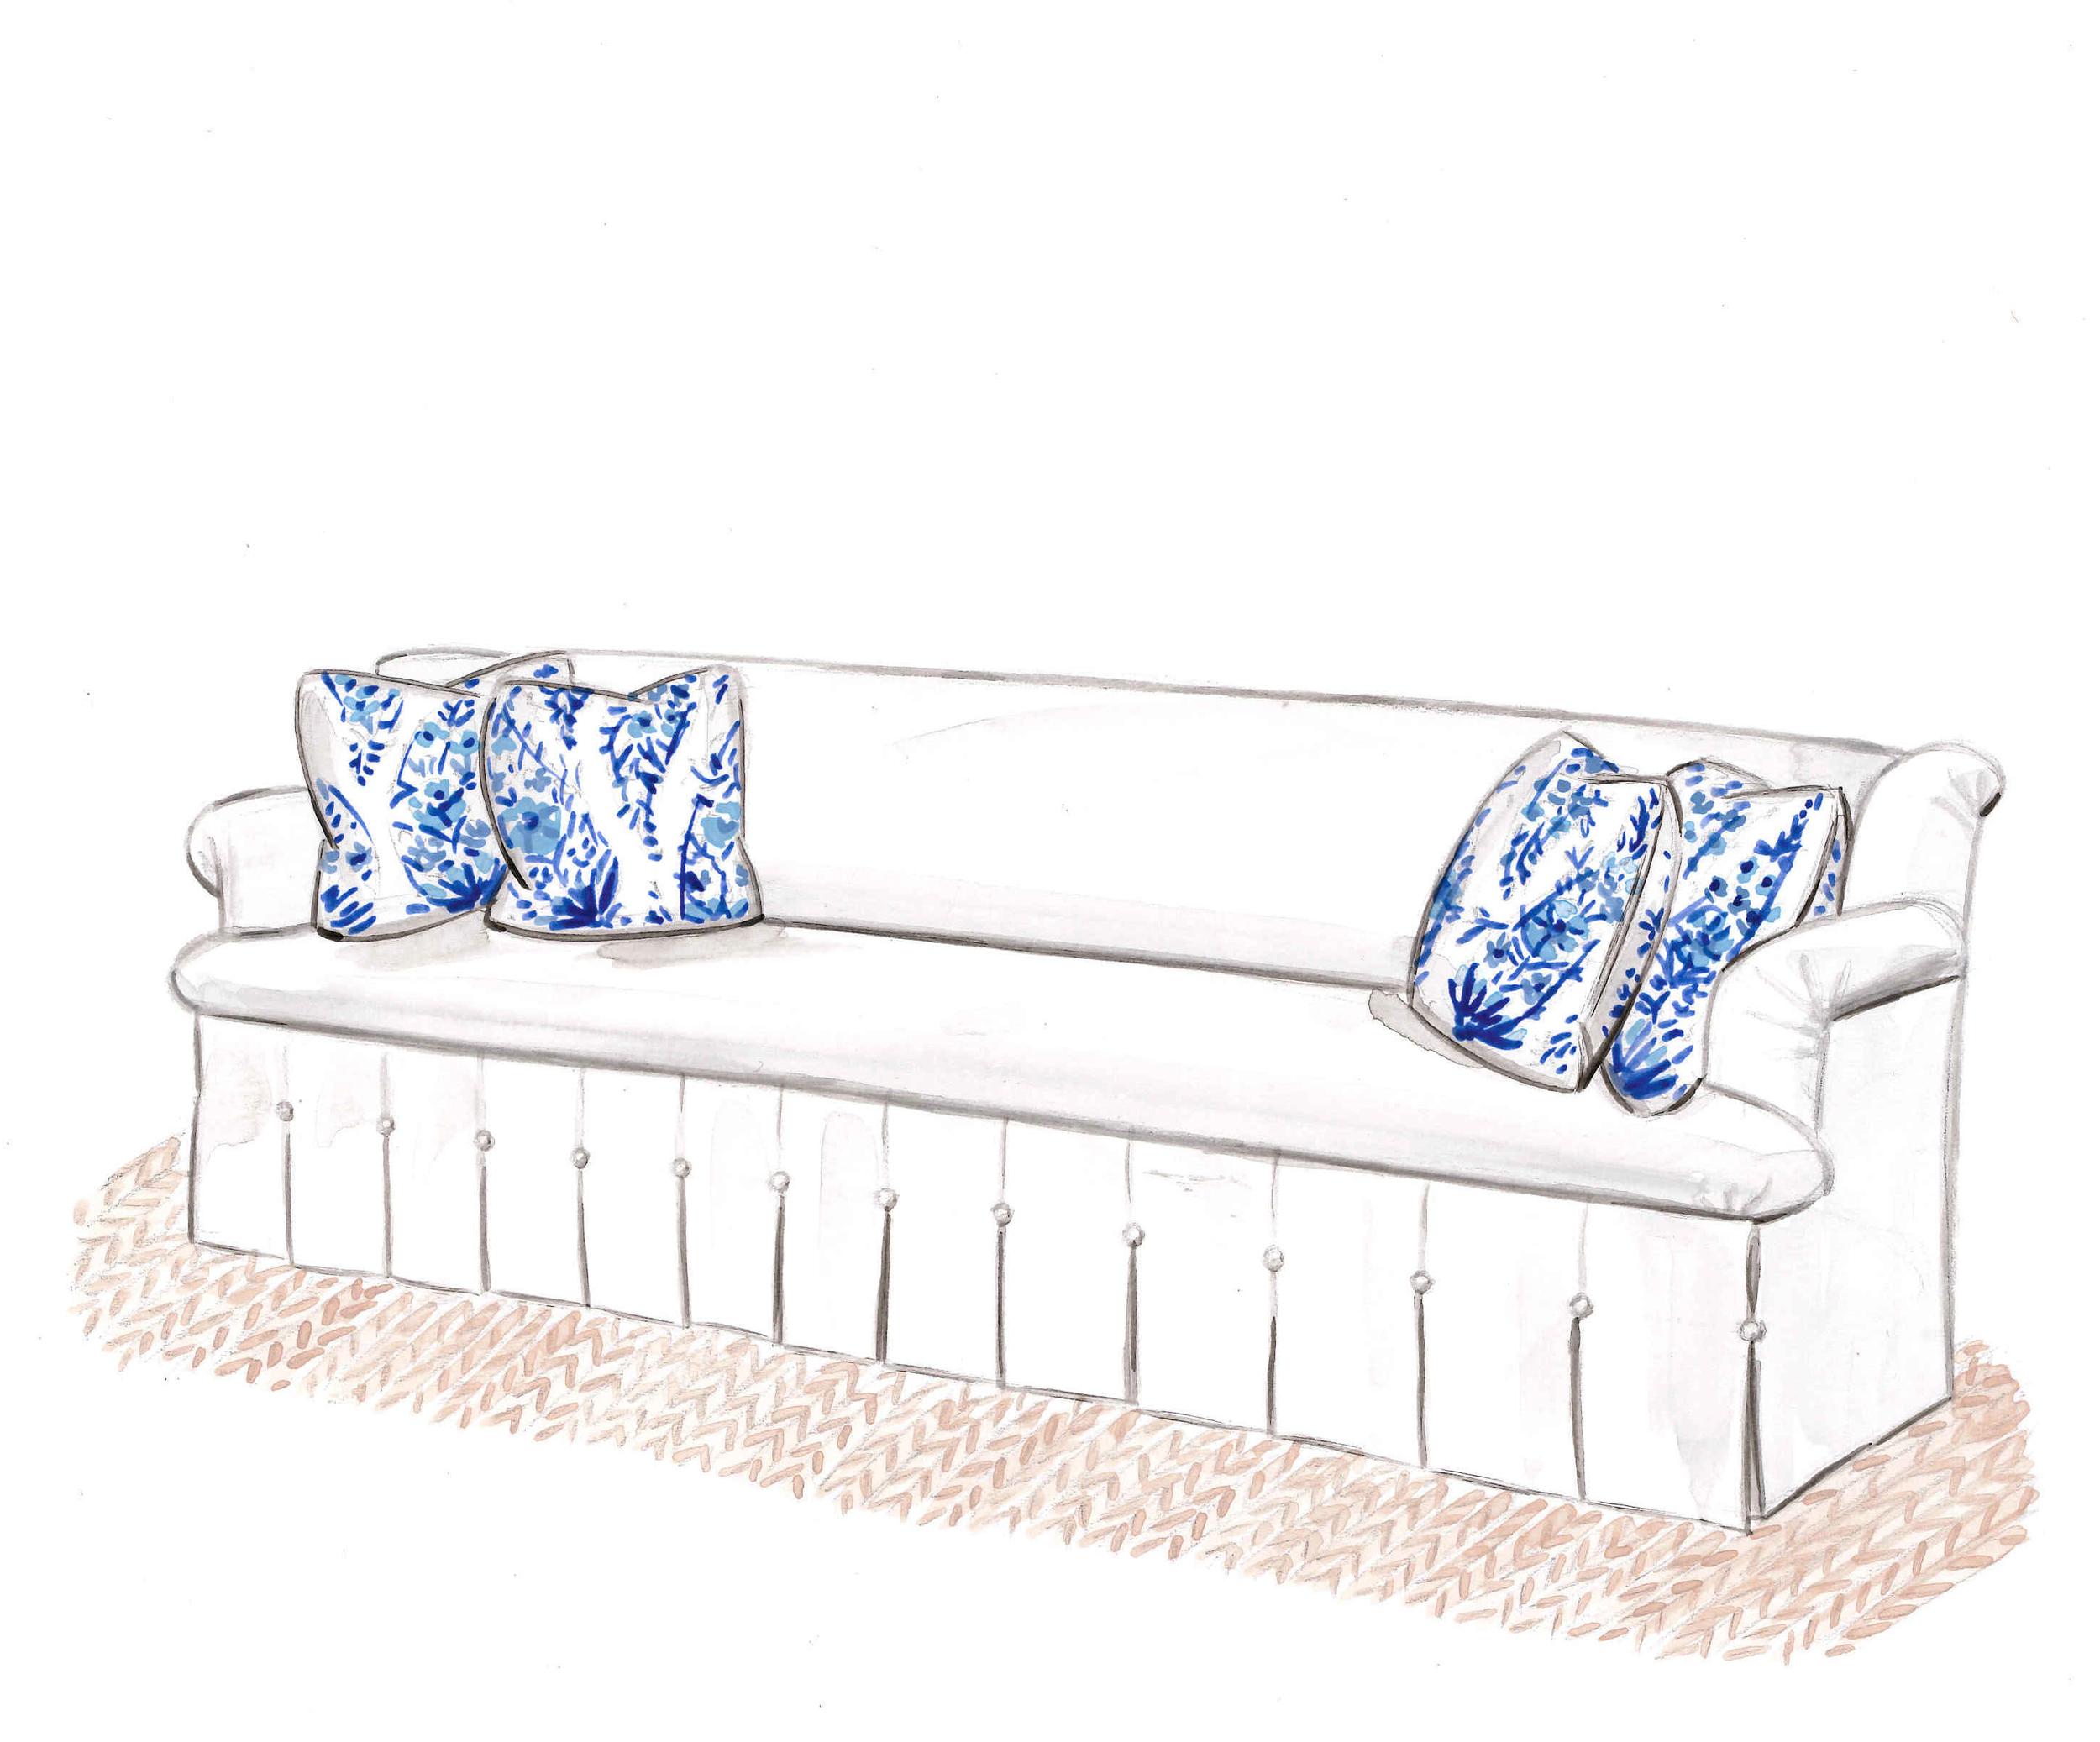 7 Sofa w pillows.jpg